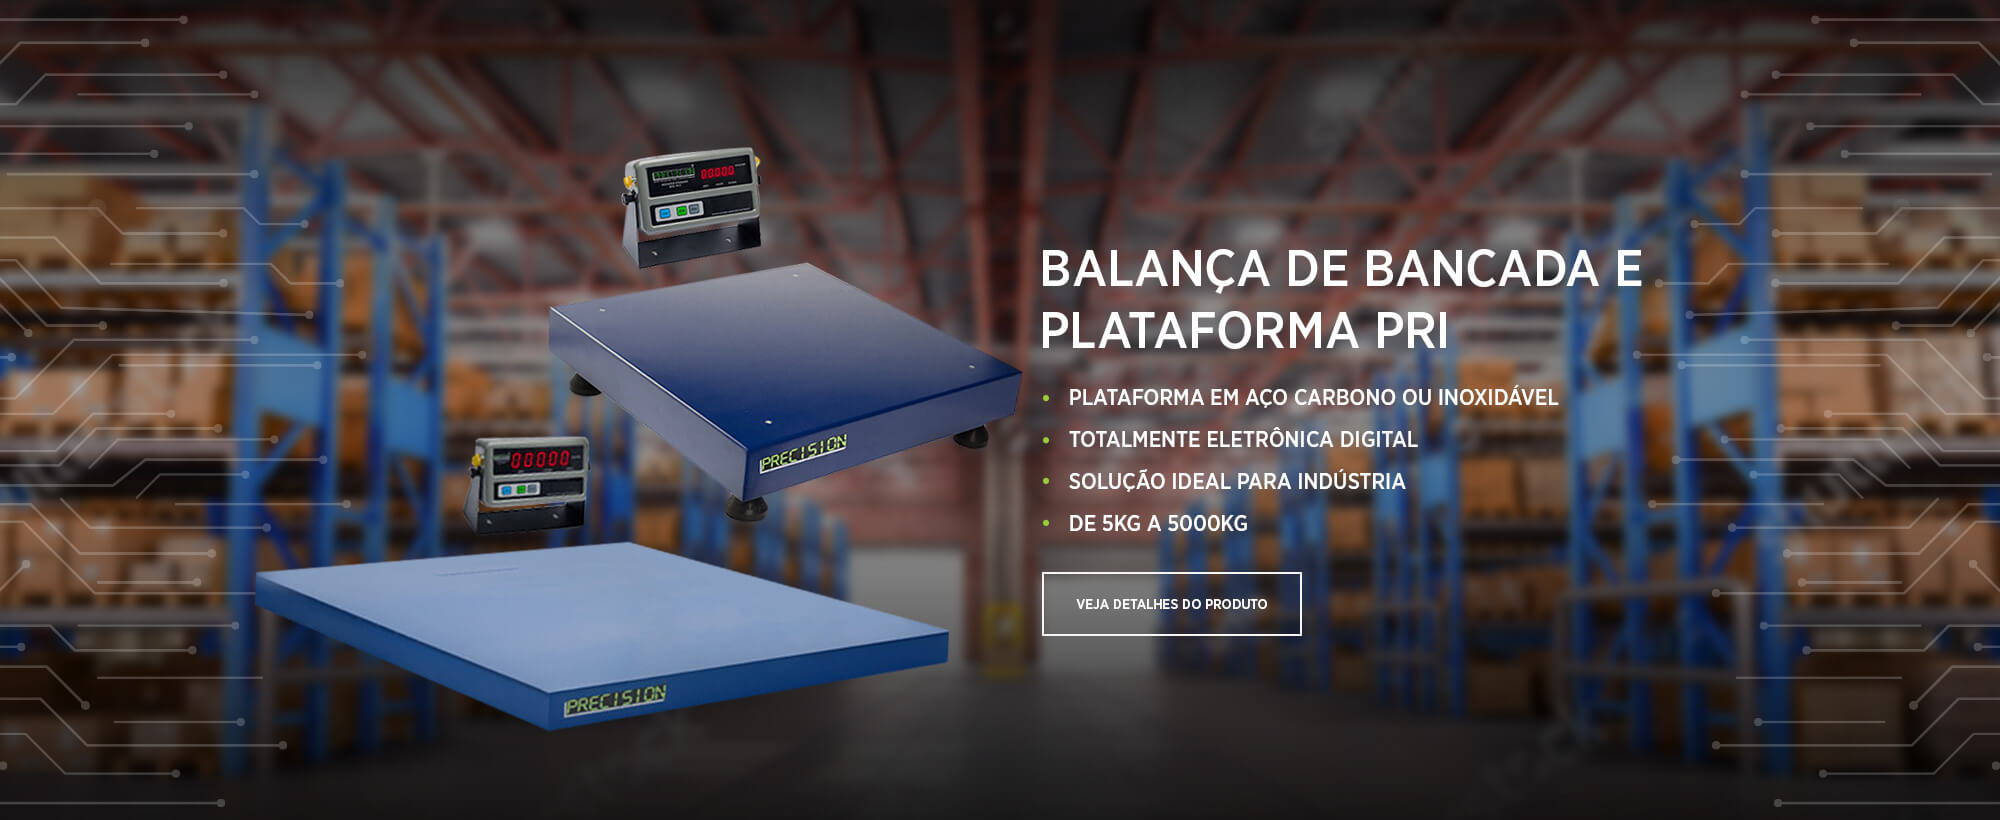 balança plataforma bancada